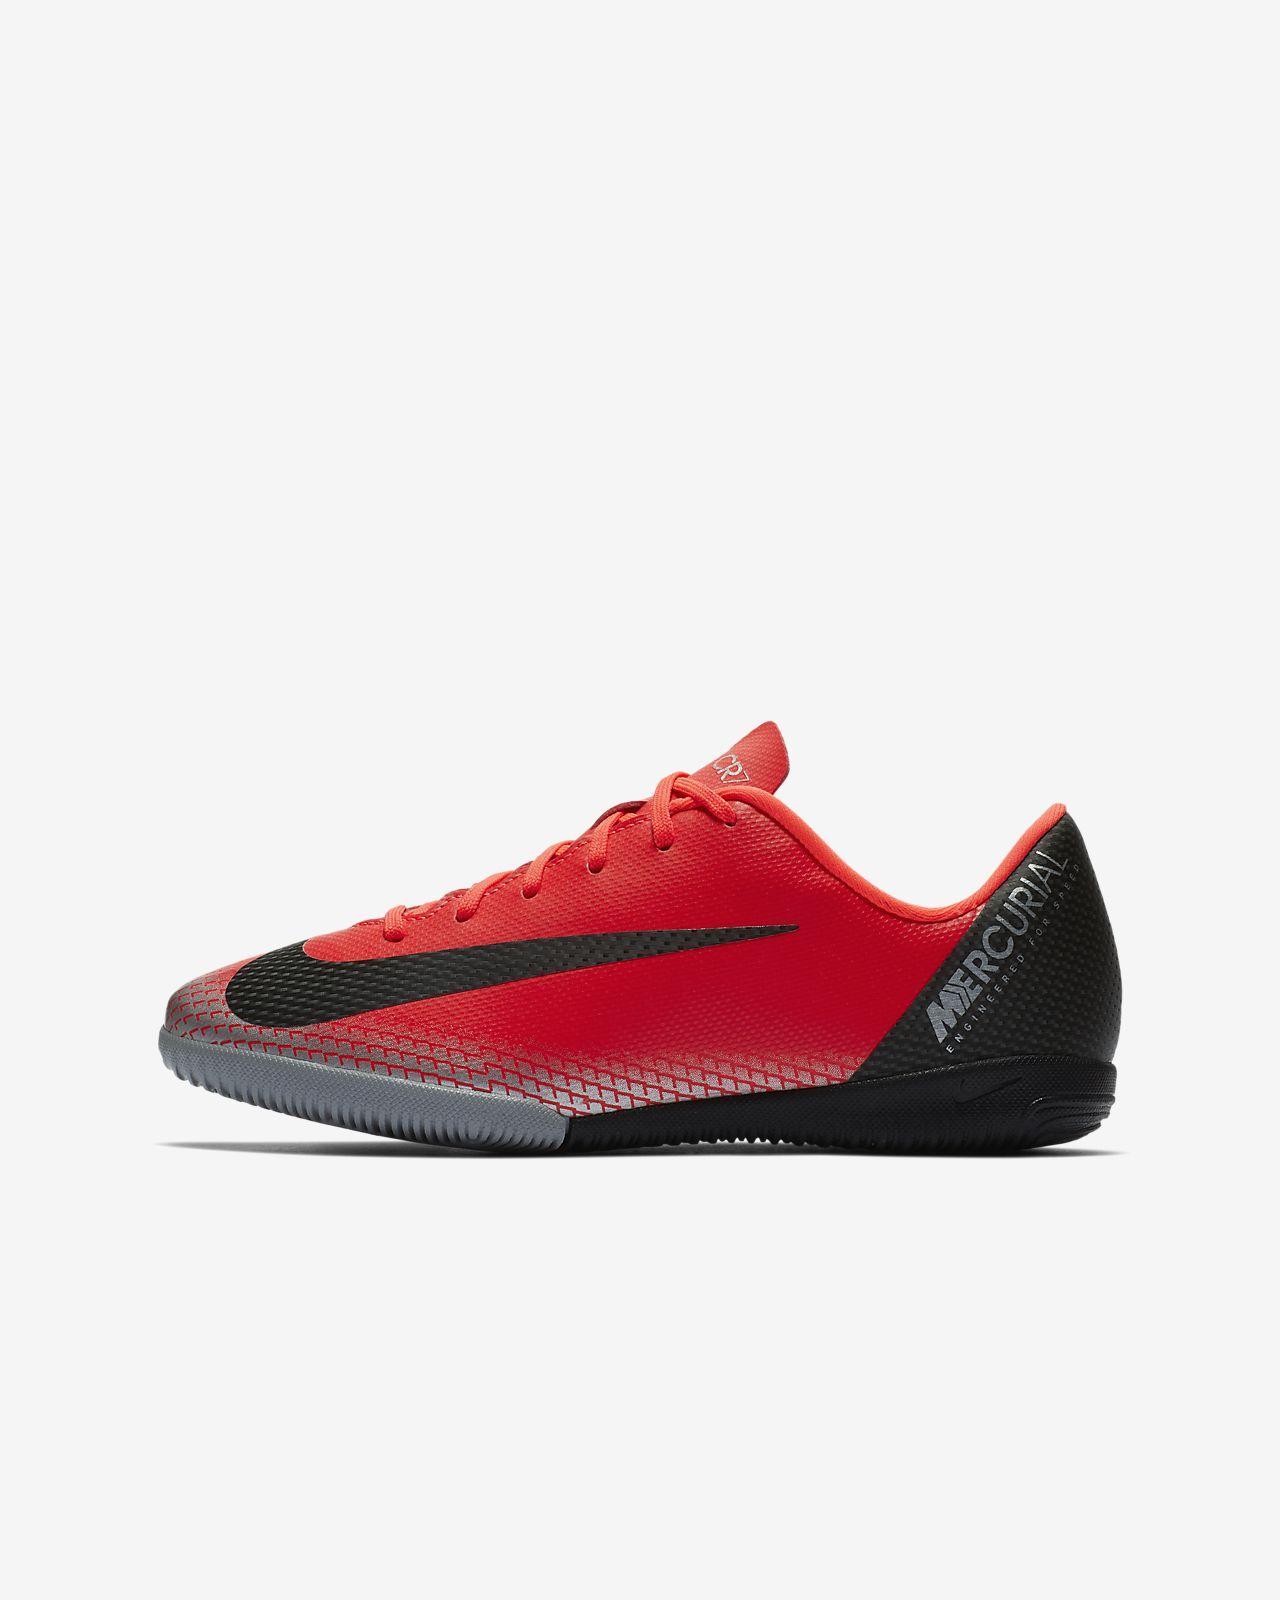 Nike Jr. MercurialX Vapor XII Academy CR7-fodboldsko til små/store børn (indendørs/bane)